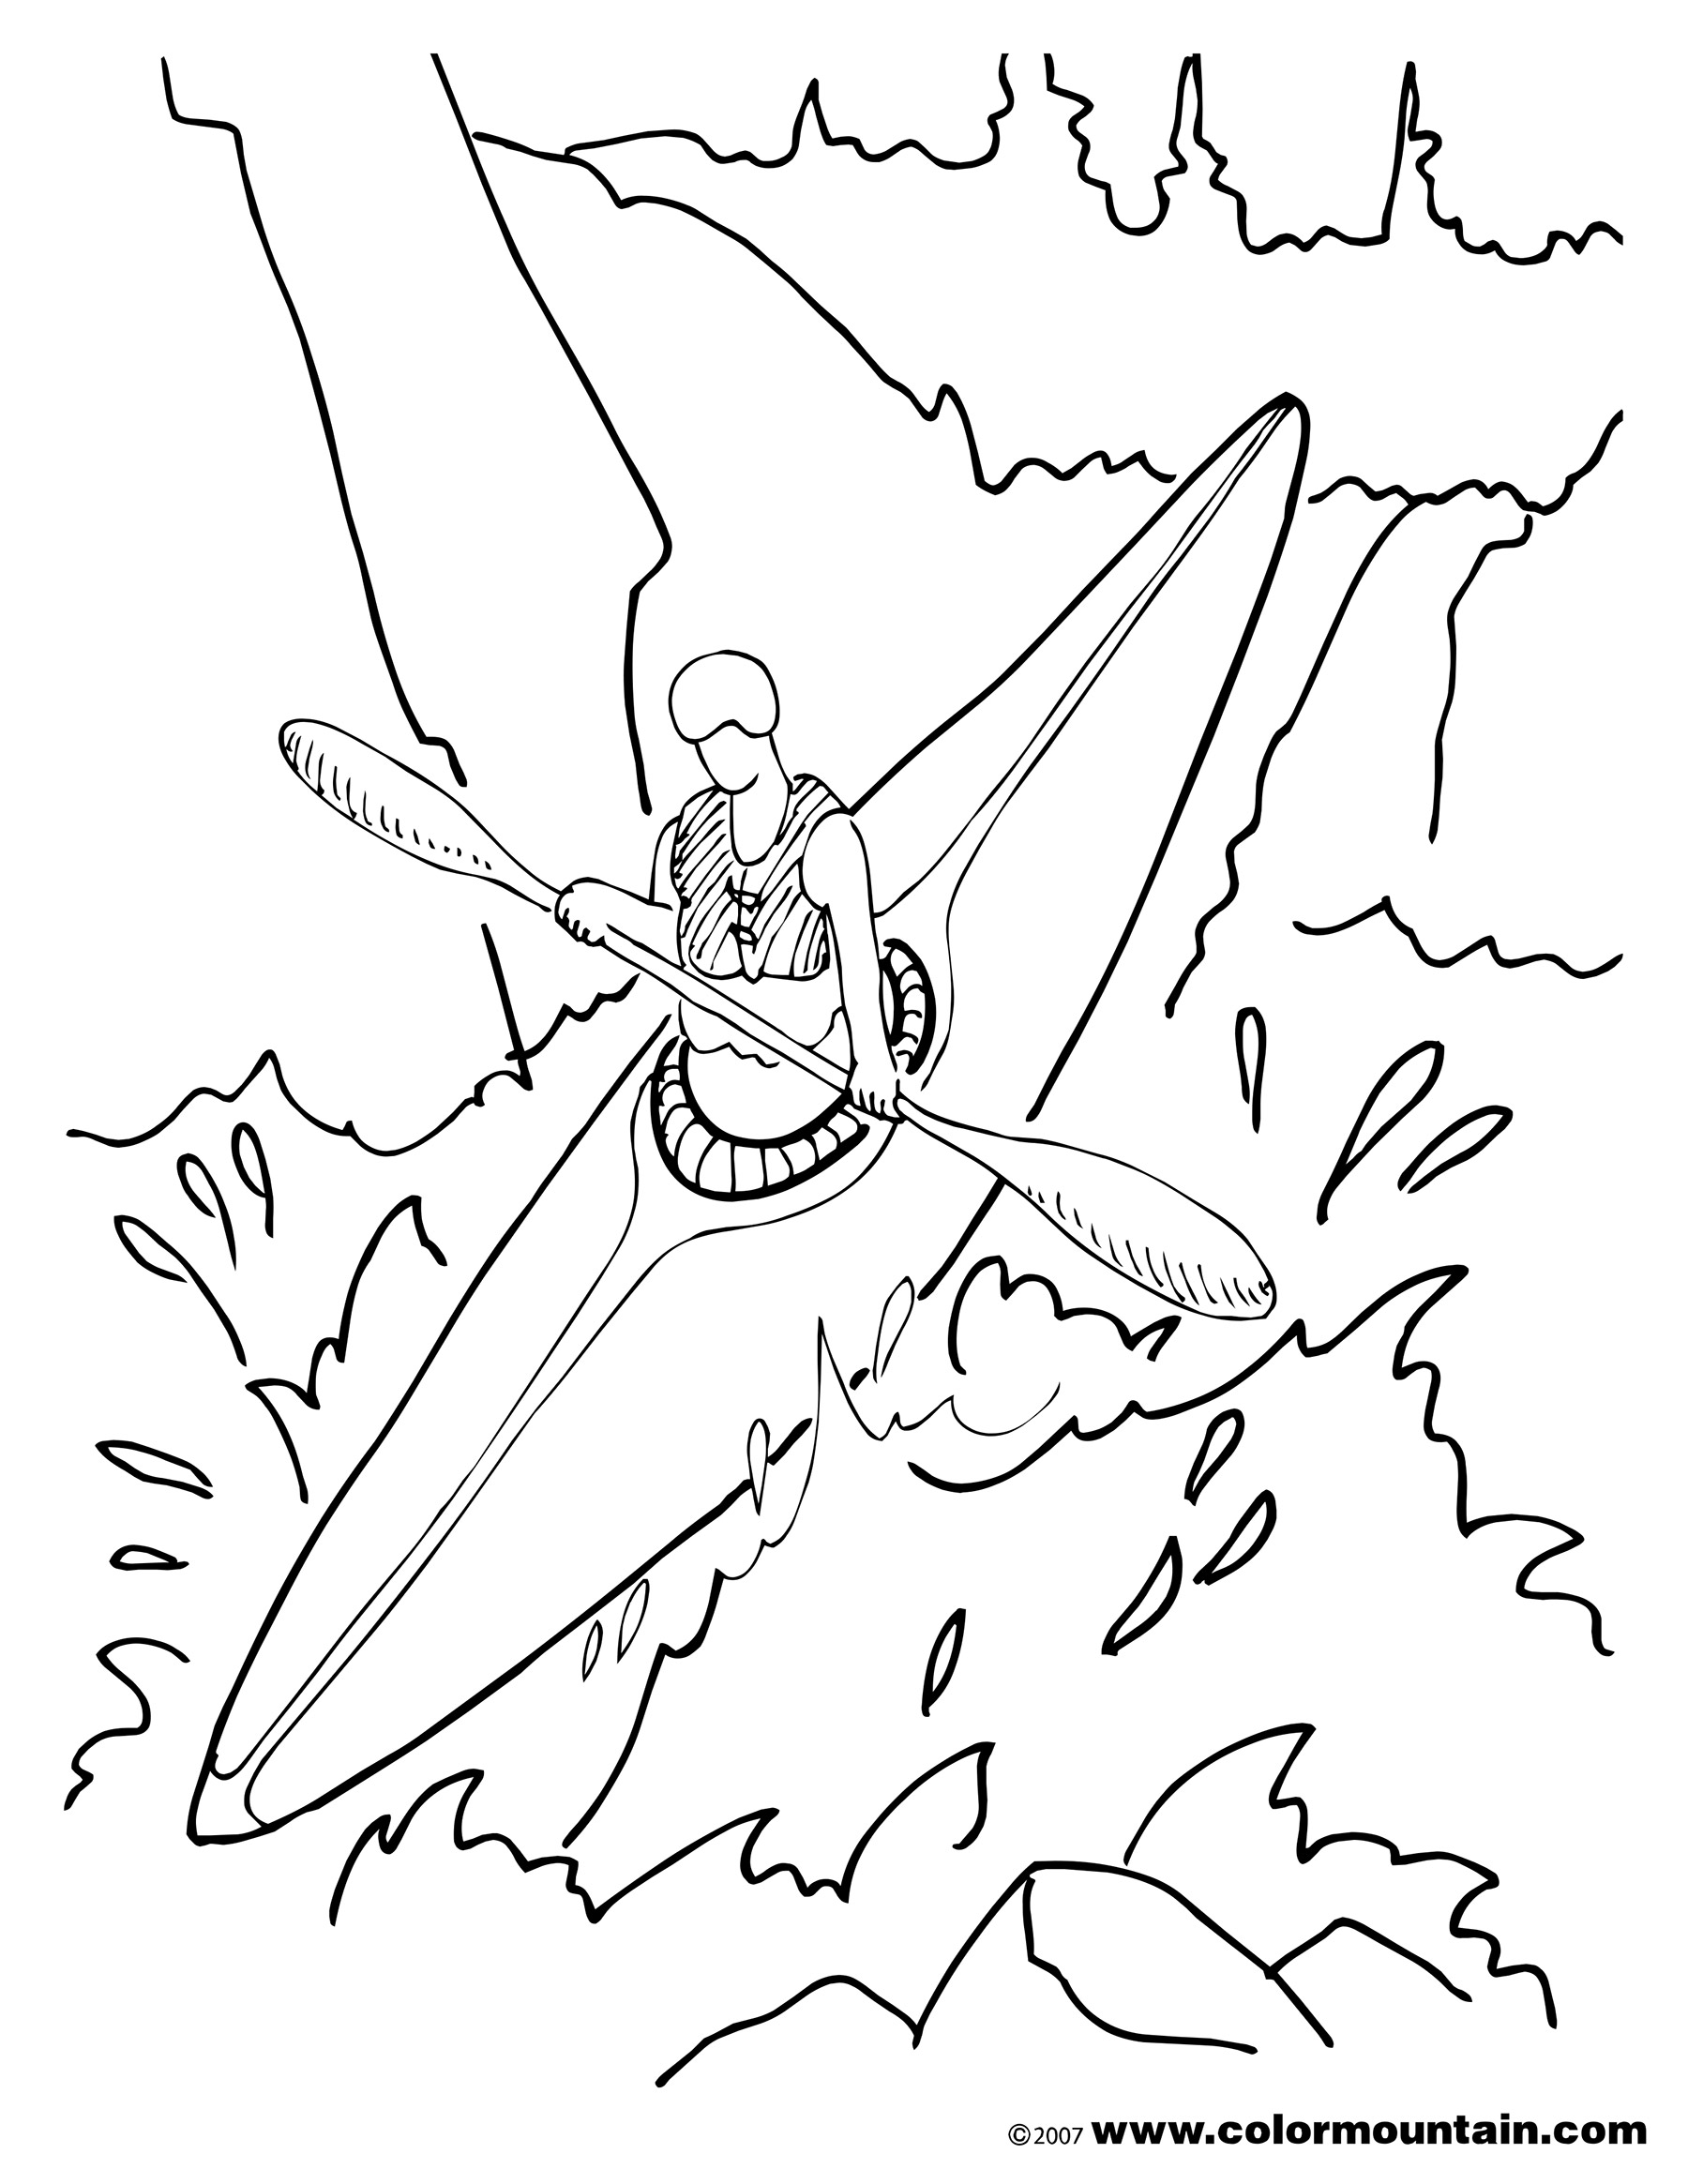 Kayaking Drawing At Getdrawings